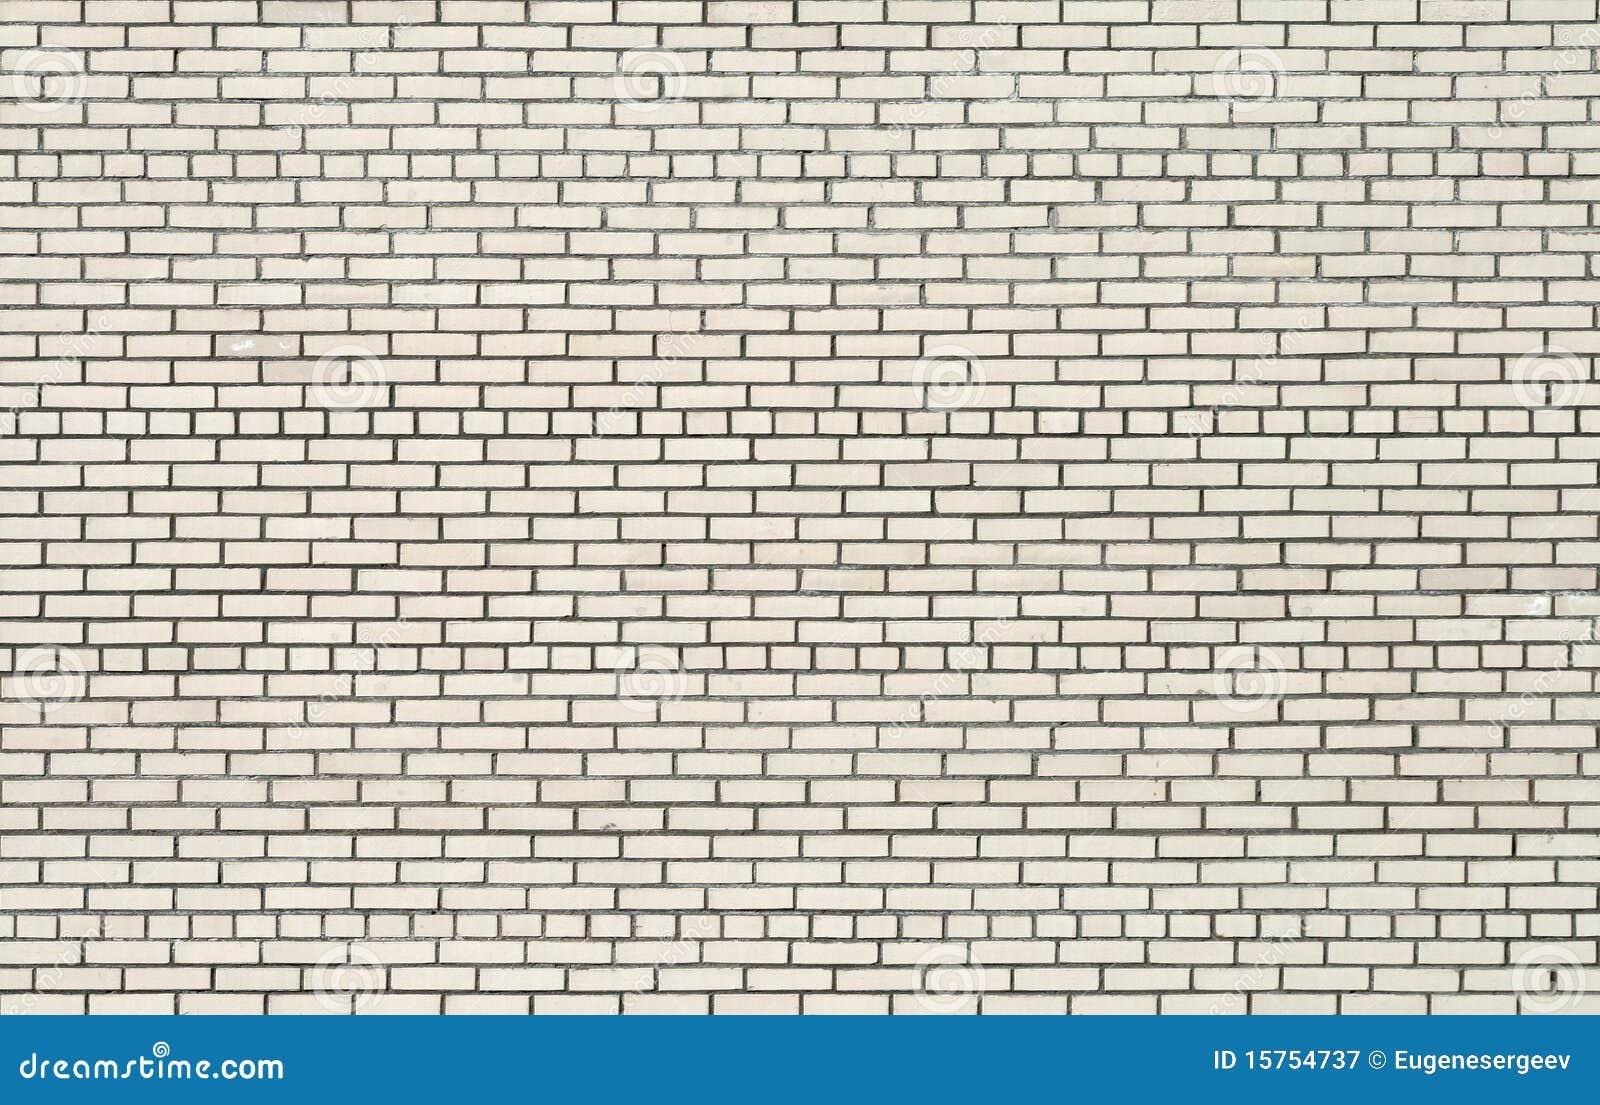 Texture Grise De Mur De Briques Image Stock Image Du